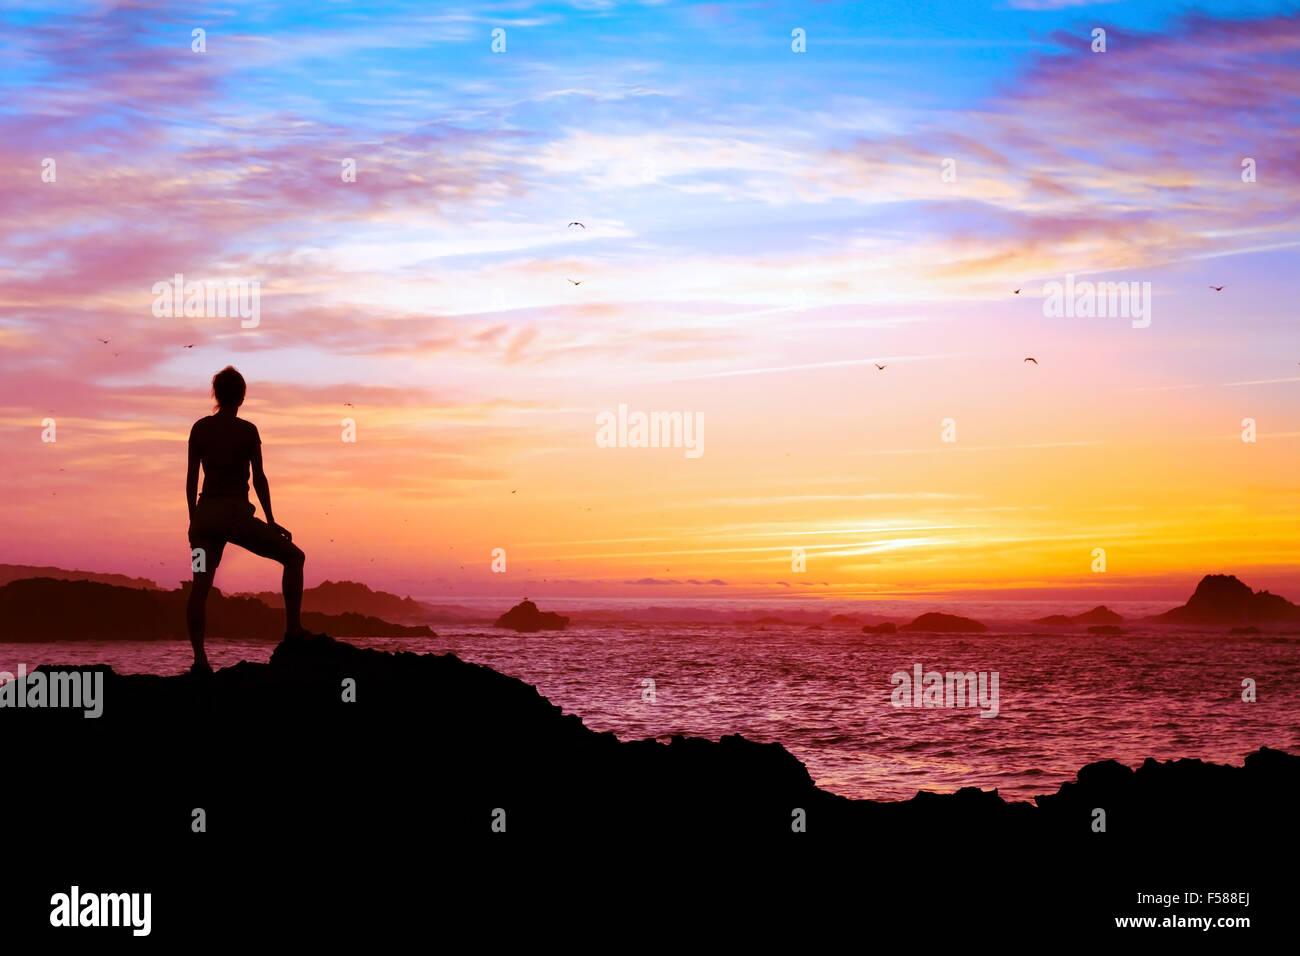 Il concetto di benessere, silhouette di persona a godere di splendidi tramonti con vista oceano Immagini Stock